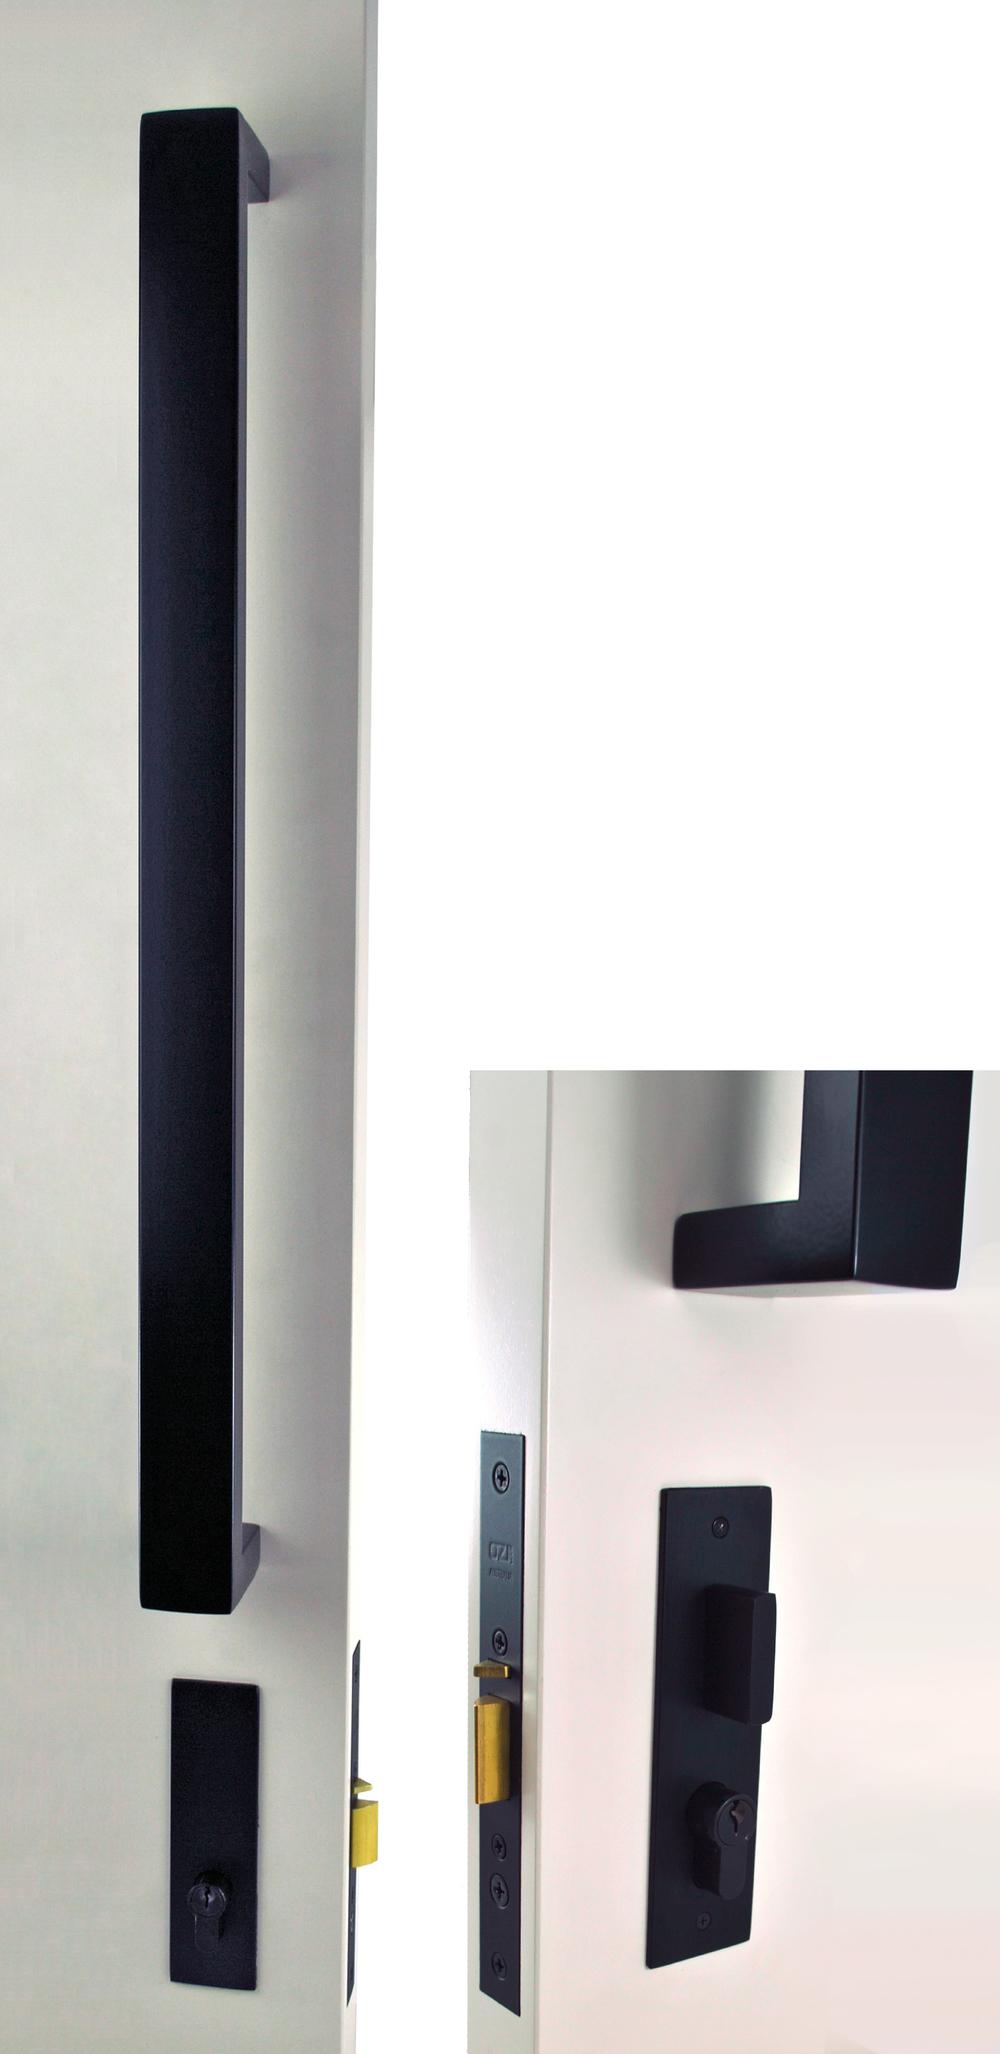 black front door handles. OZI-4 Deadlatch Combo Black Front Door Handles M